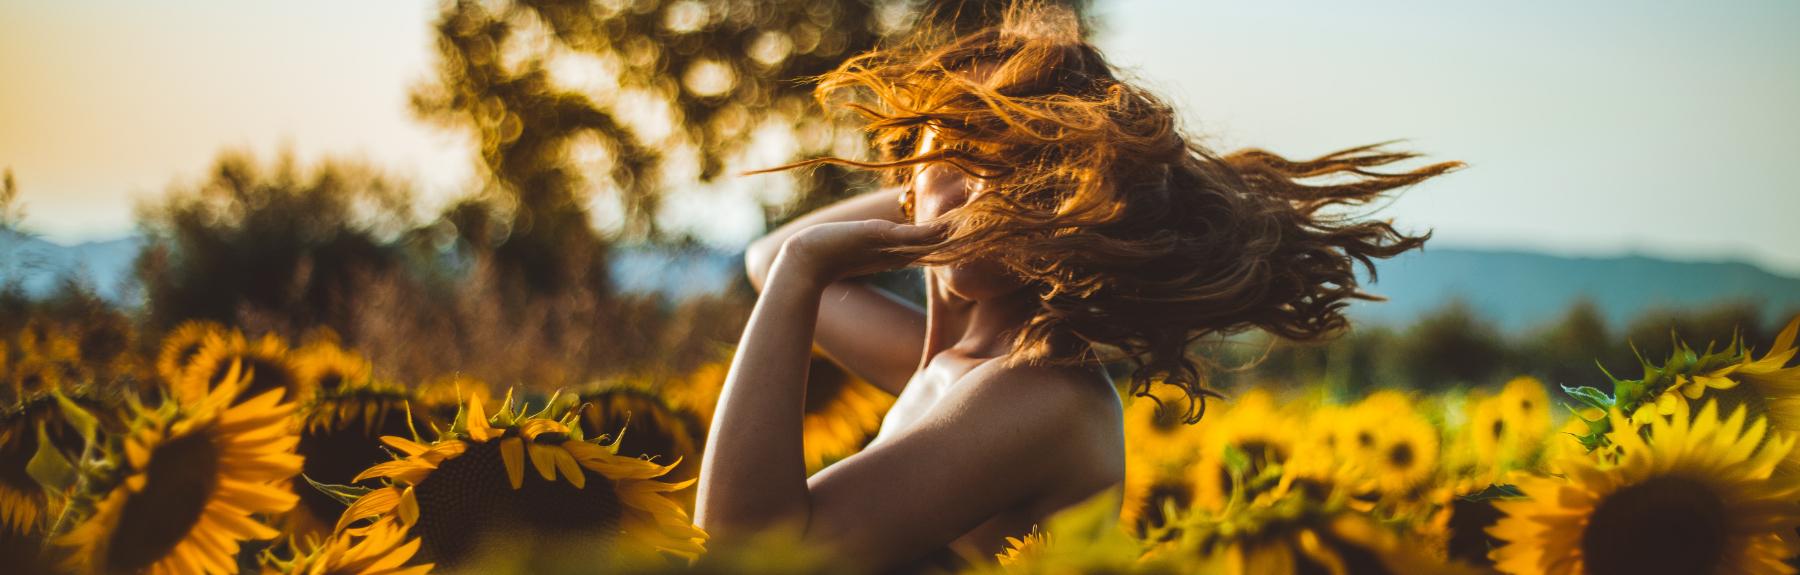 vrouw-met-zonnebloemen-6